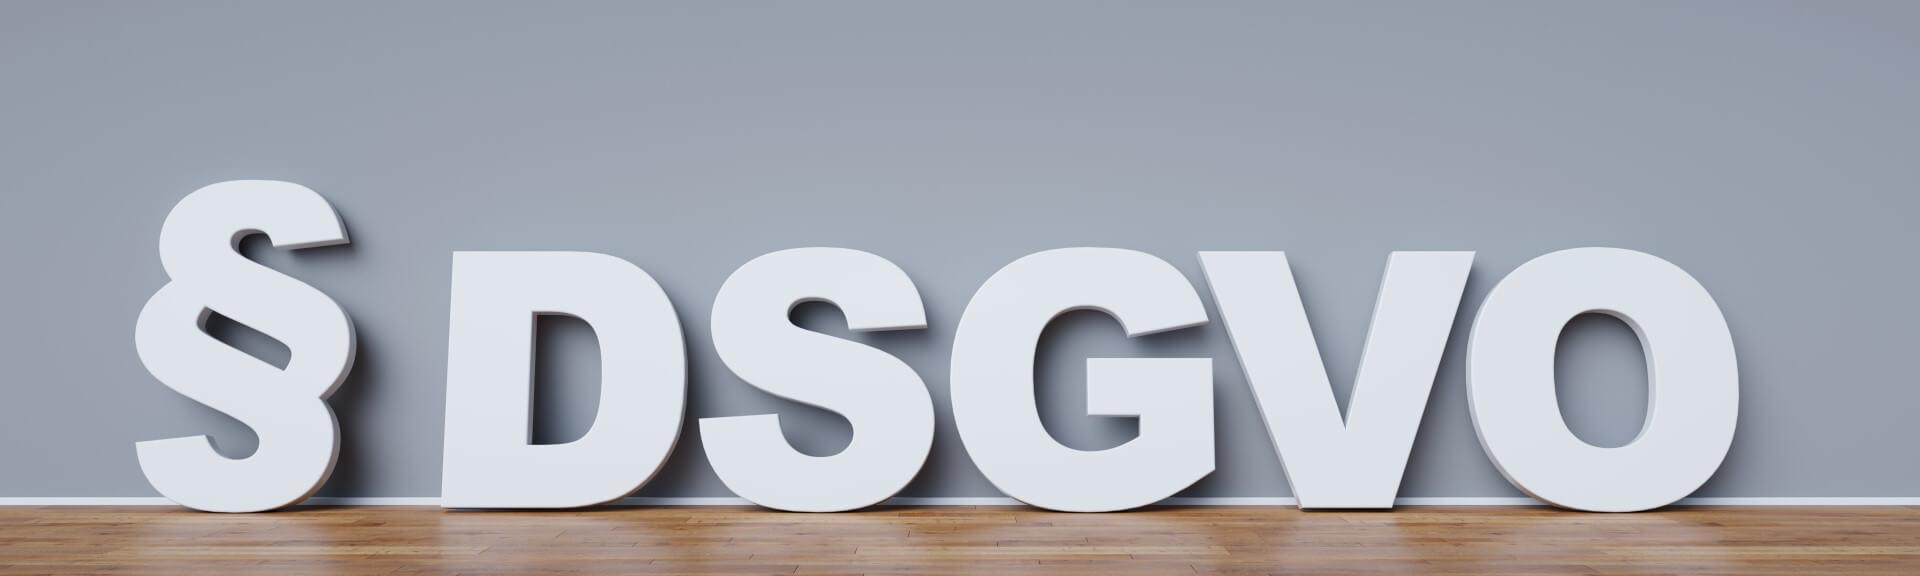 Die Beachtung der Datenschutz-Spielregeln bei der Website-Erstellung gilt es nicht erst dem Inkrafttreten der Datenschutz-Grundverordenung (DSGVO) zu beachten - seitdem hat dieses Thema aber ein besondere Aufmerksamkeit erfahren.